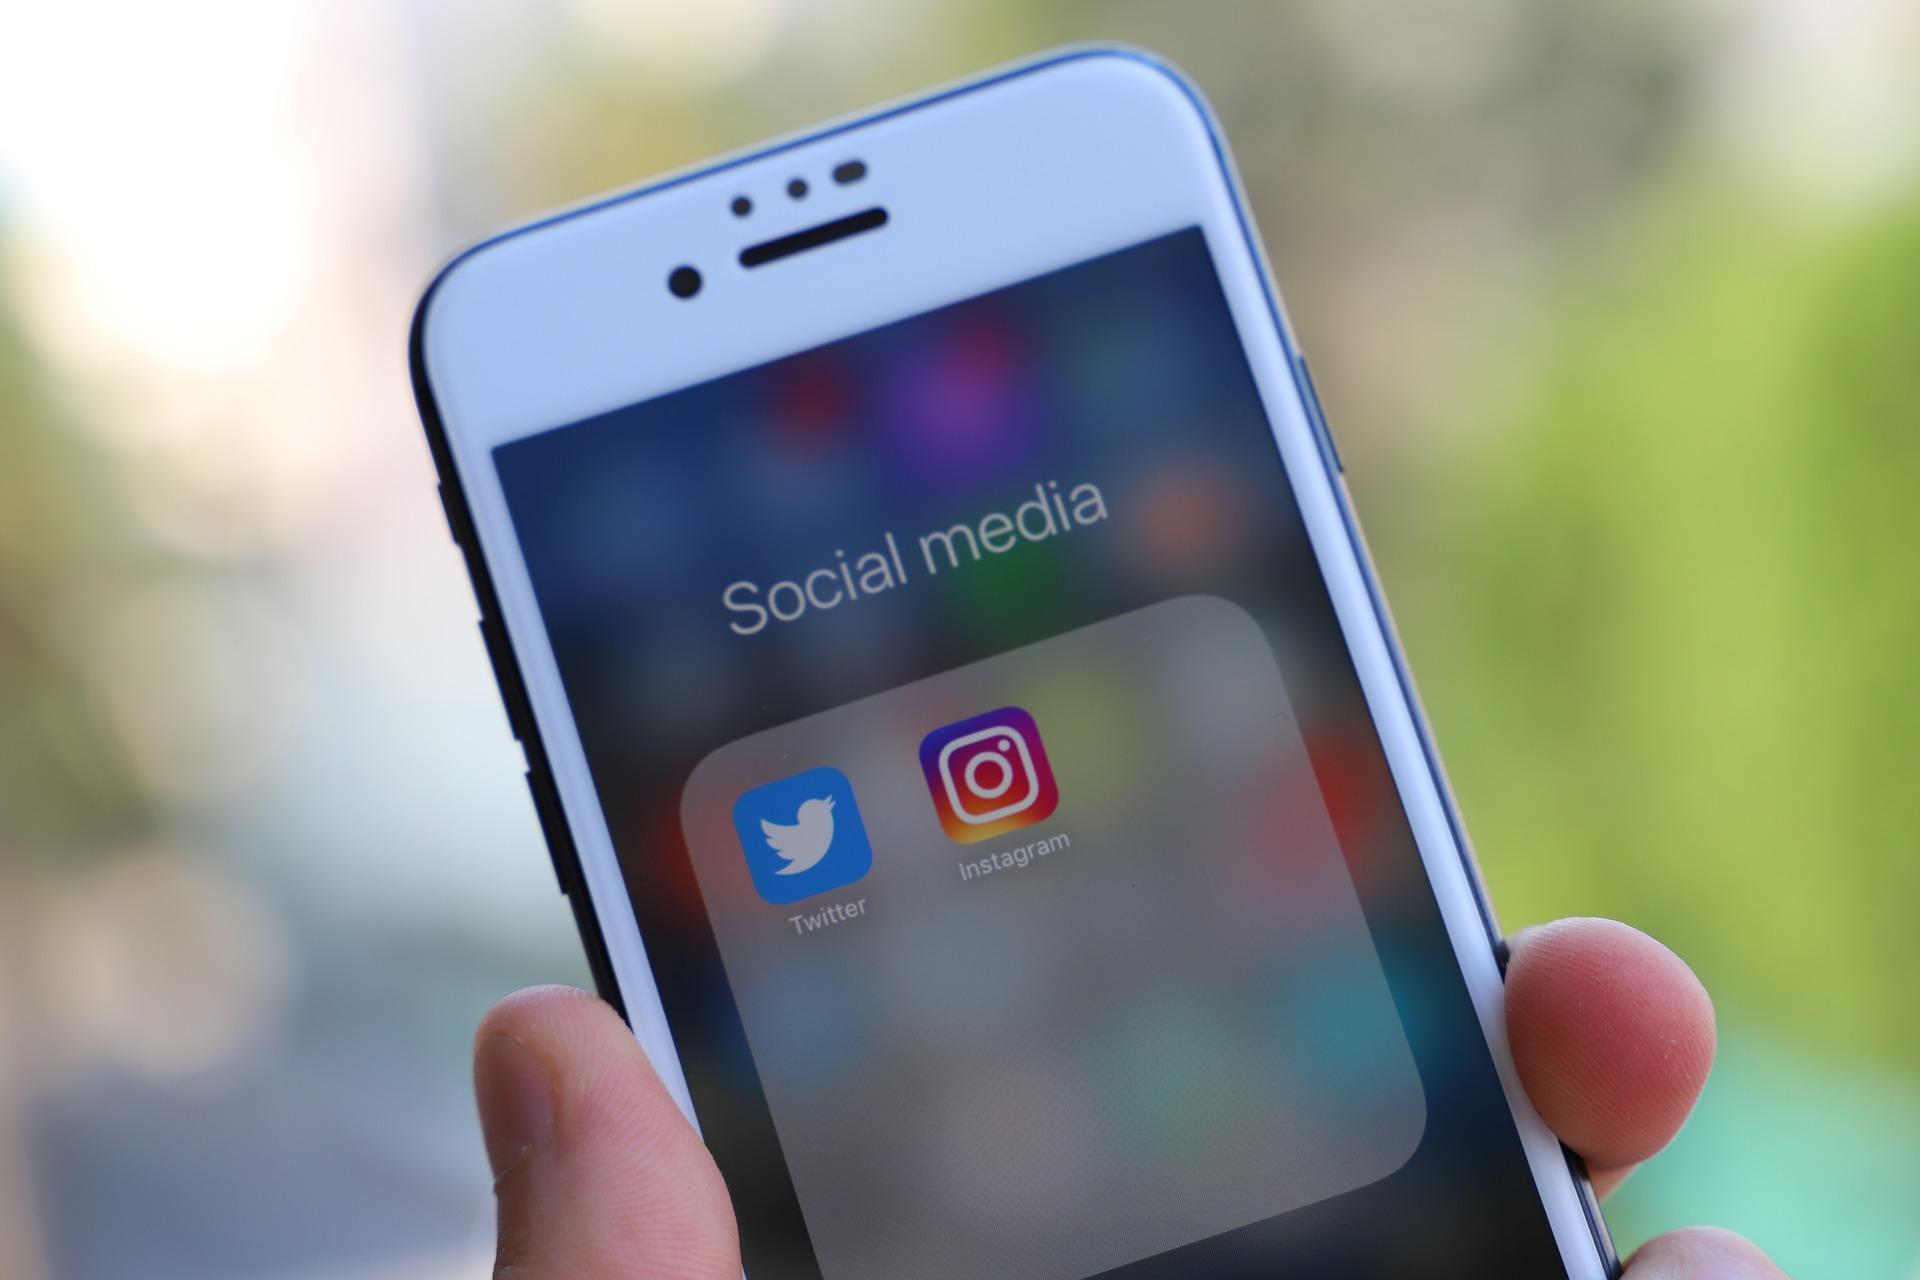 Médias sociaux : comment conditionnent-ils notre quotidien?